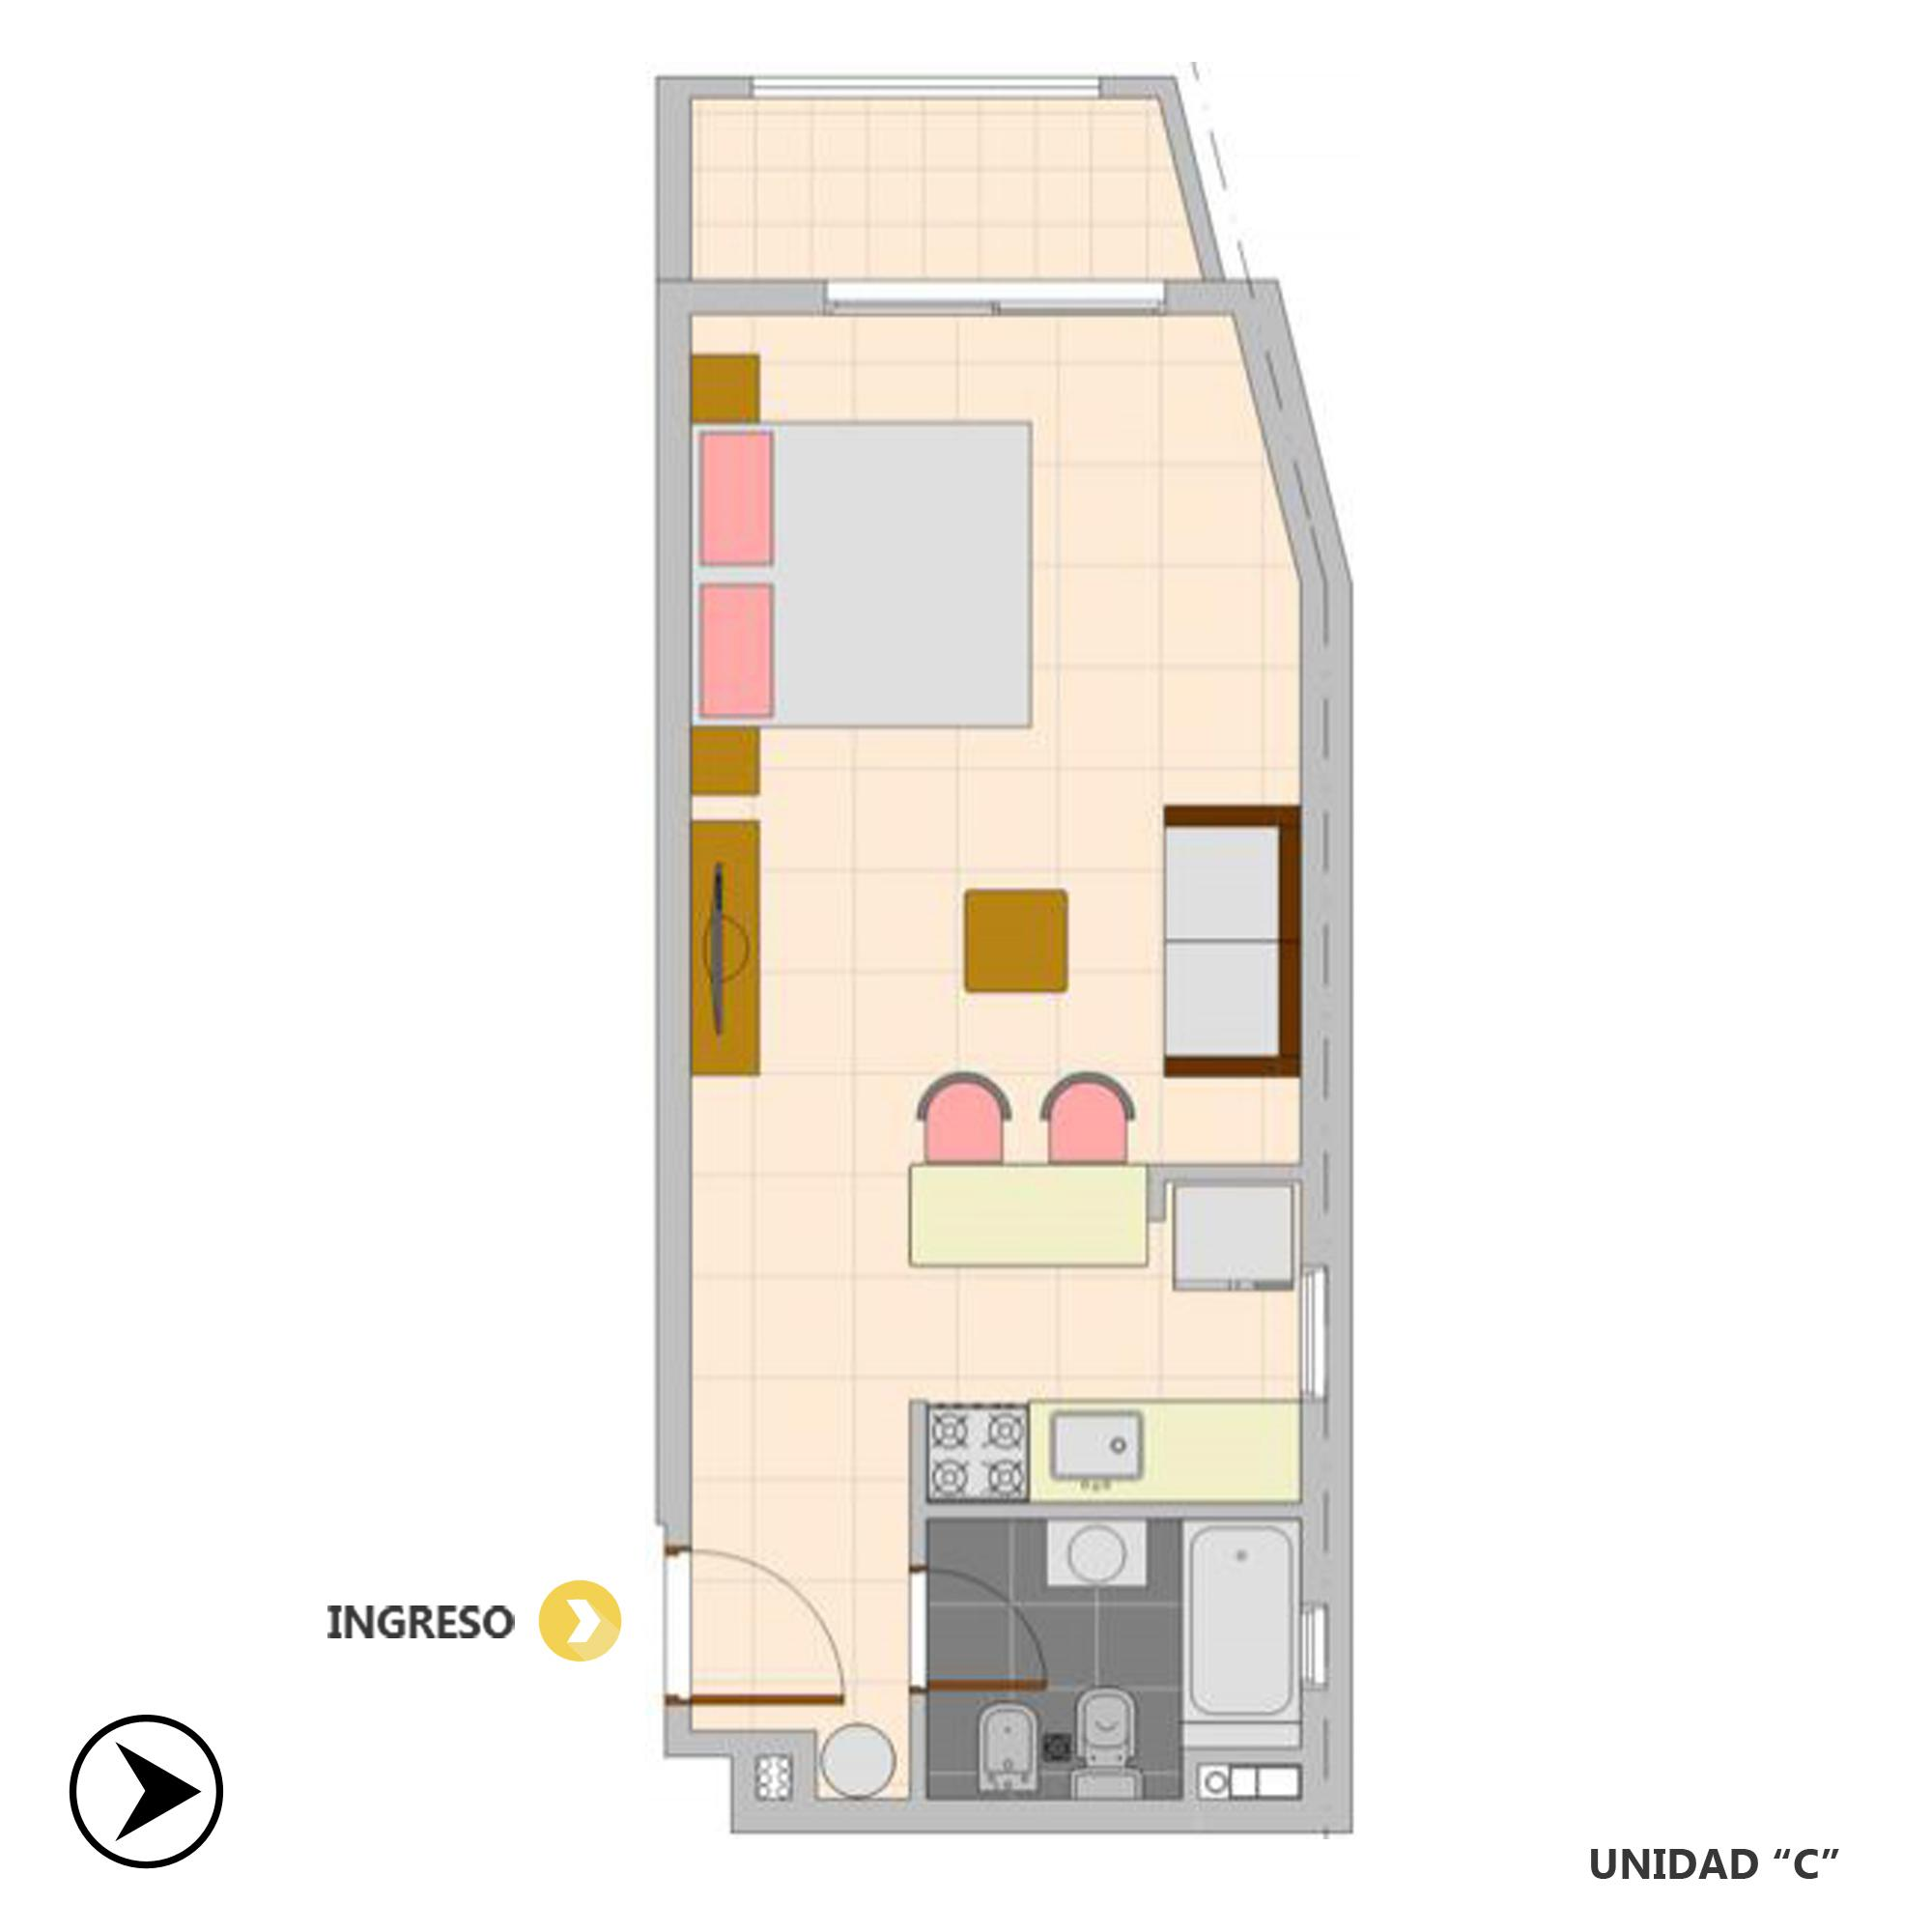 Venta departamento monoambiente Rosario, Oeste. Cod CBU20801 AP2038154. Crestale Propiedades